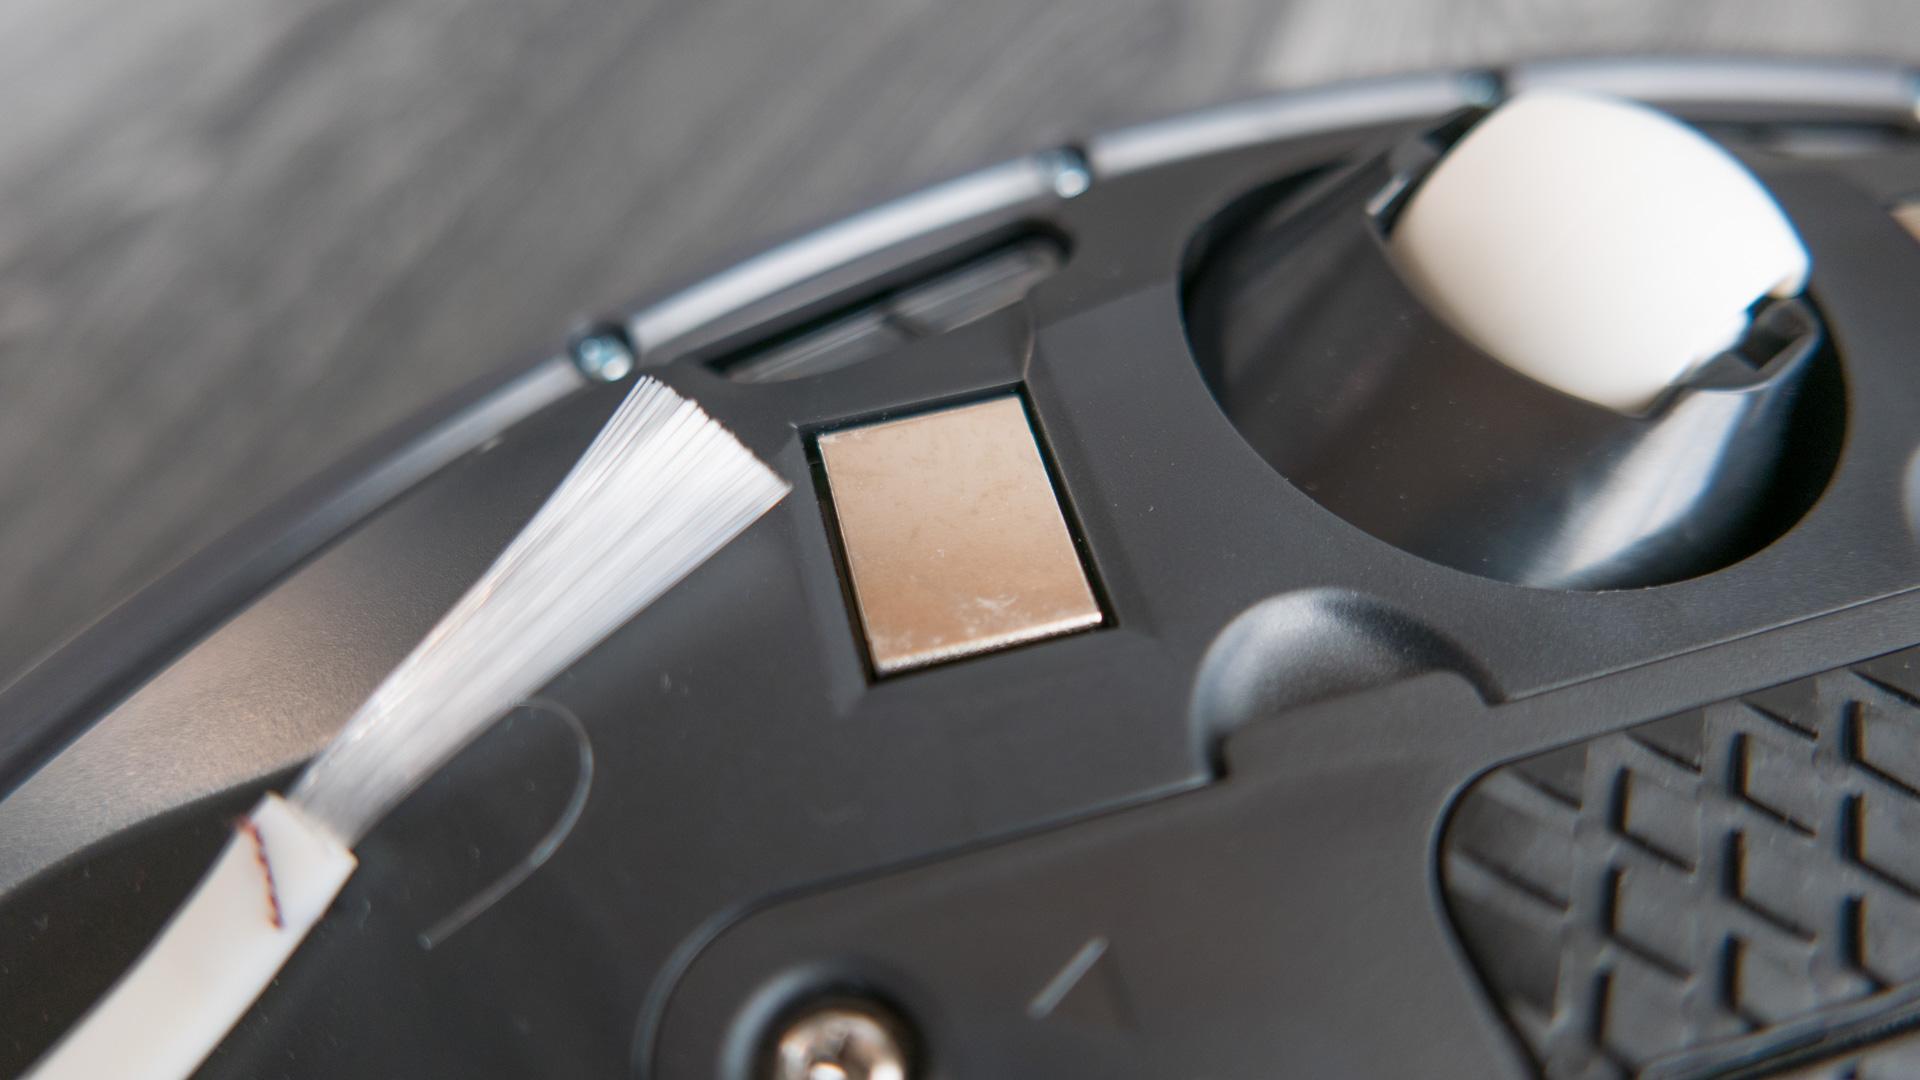 iRobot Roomba 980 Details 23